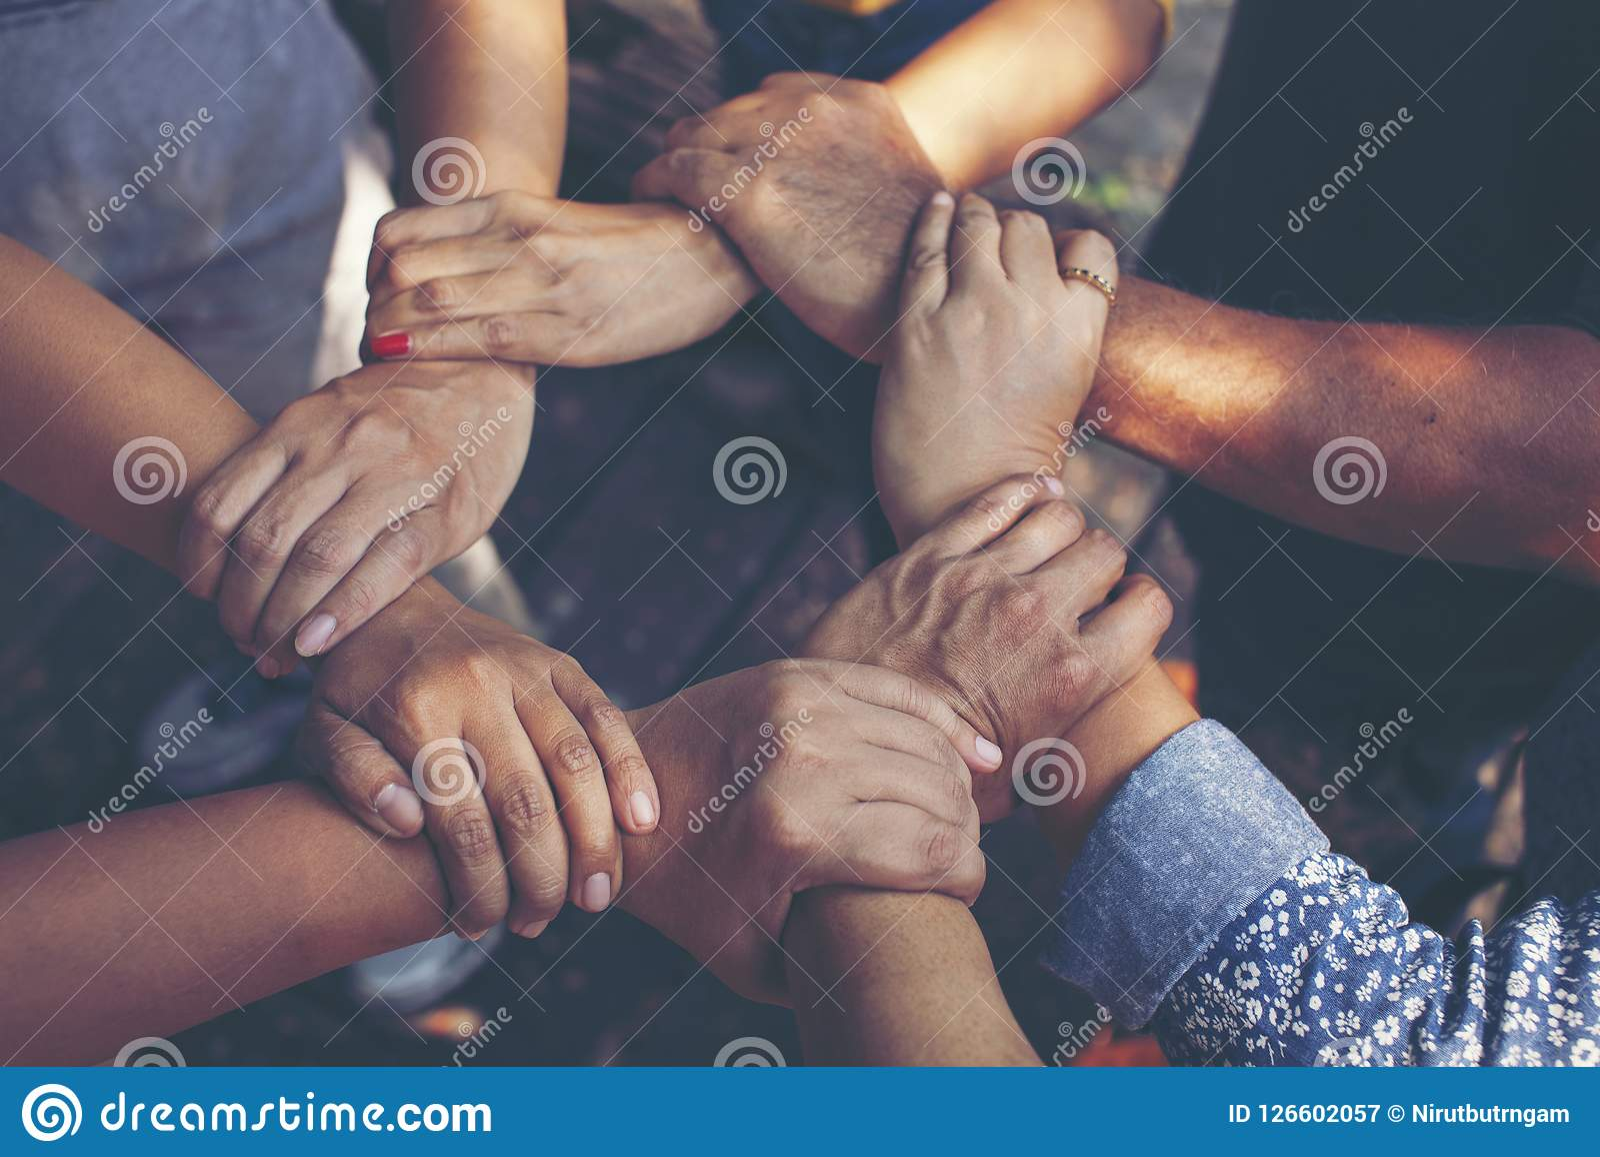 Team Work Concept: Grupp av olika händer tillsammans arga Proces